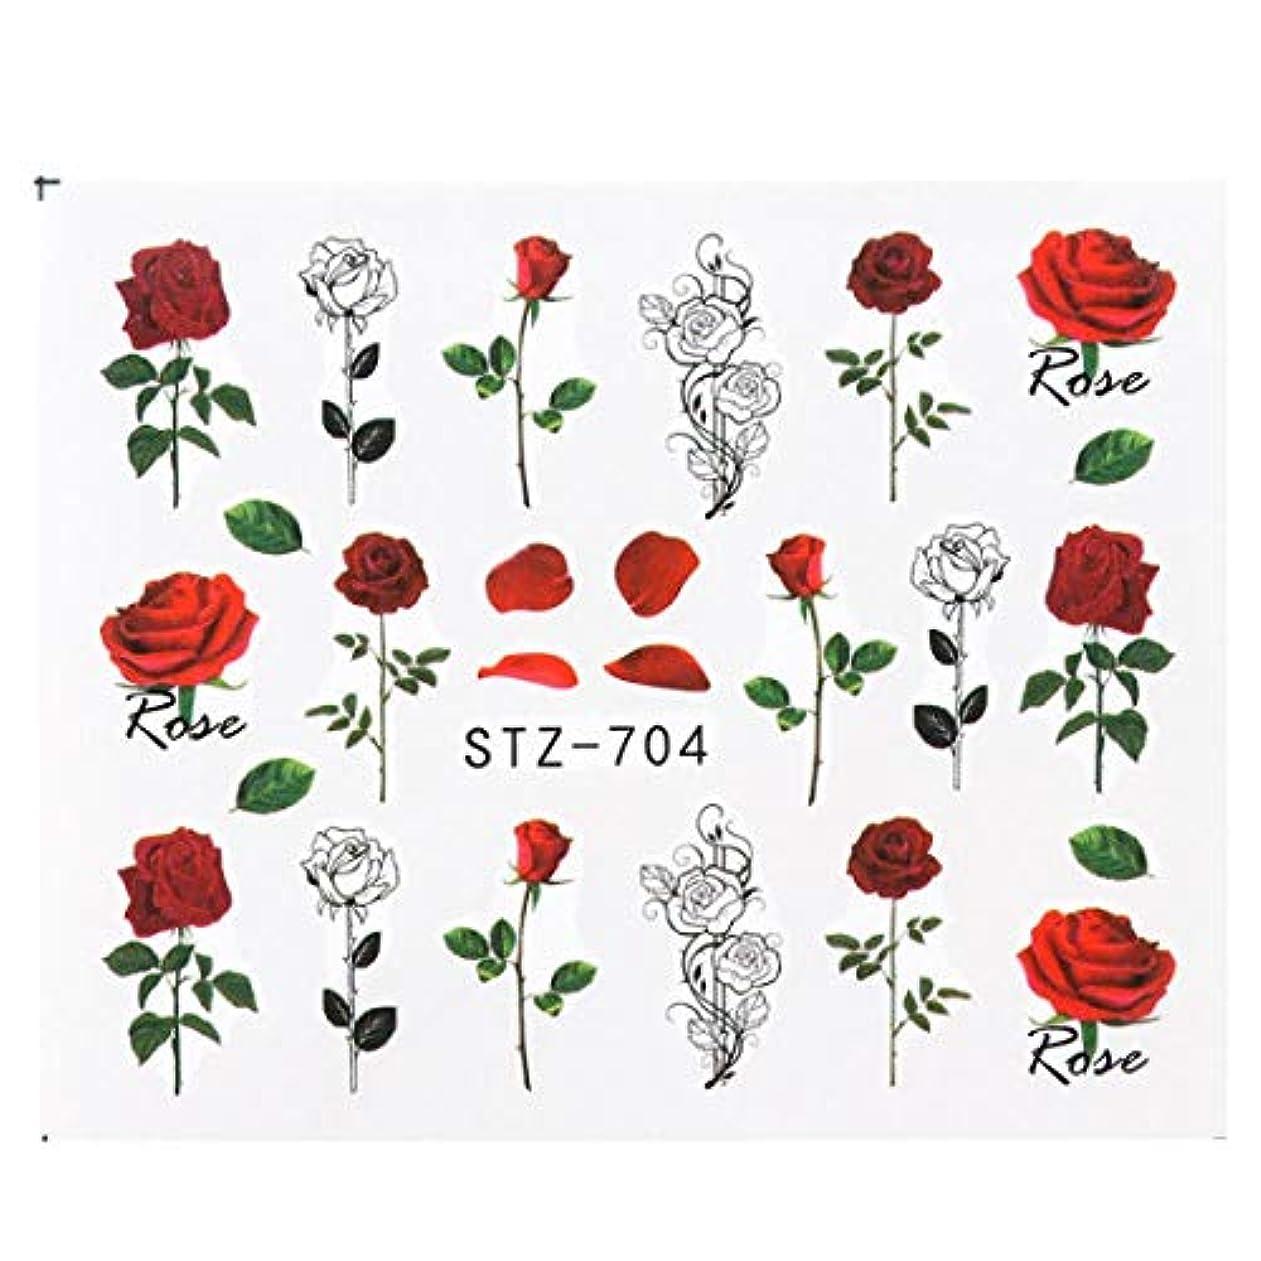 漏斗チャンピオンシップ祈るSUKTI&XIAO ネイルステッカー ネイルアート転送タトゥーフラミンゴリーフジェルマニキュア接着剤の装飾、Stz704のための1個の花のスライダーウォーターステッカーデカール